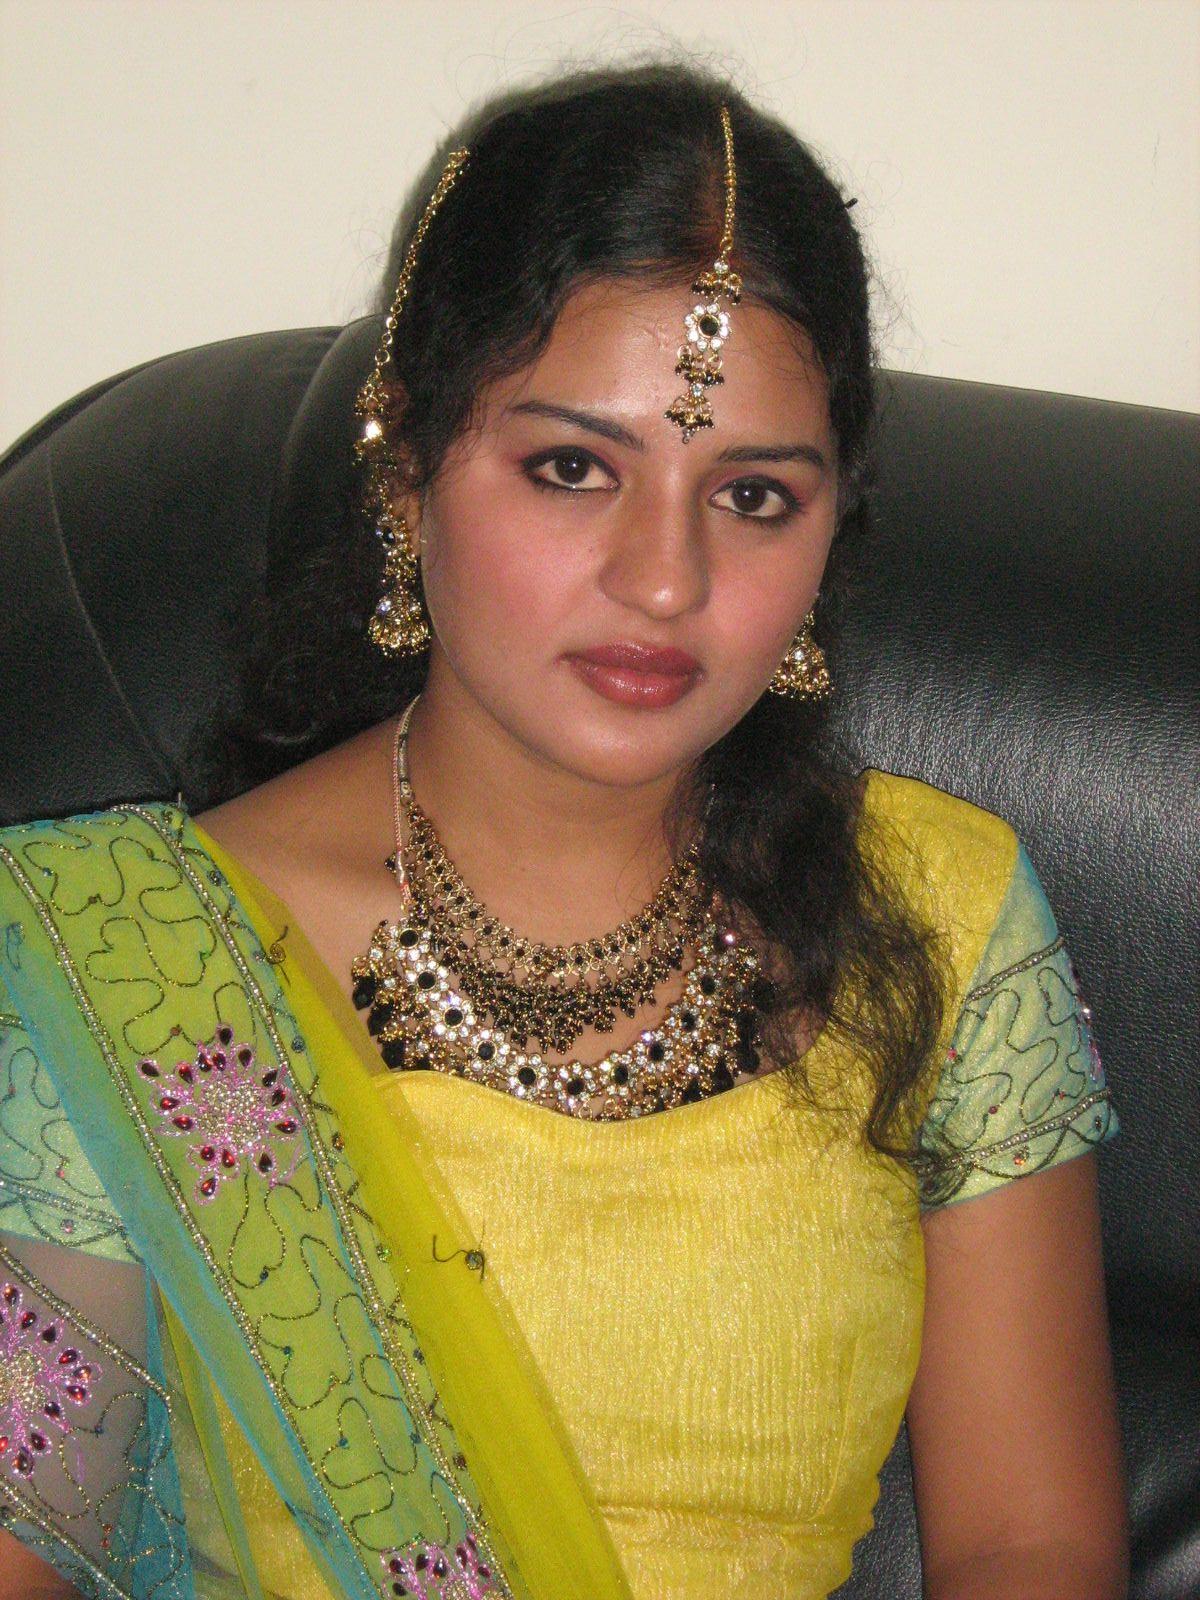 Hot Indian aunties Photos Saree Pics: Tamil Aunties Photos